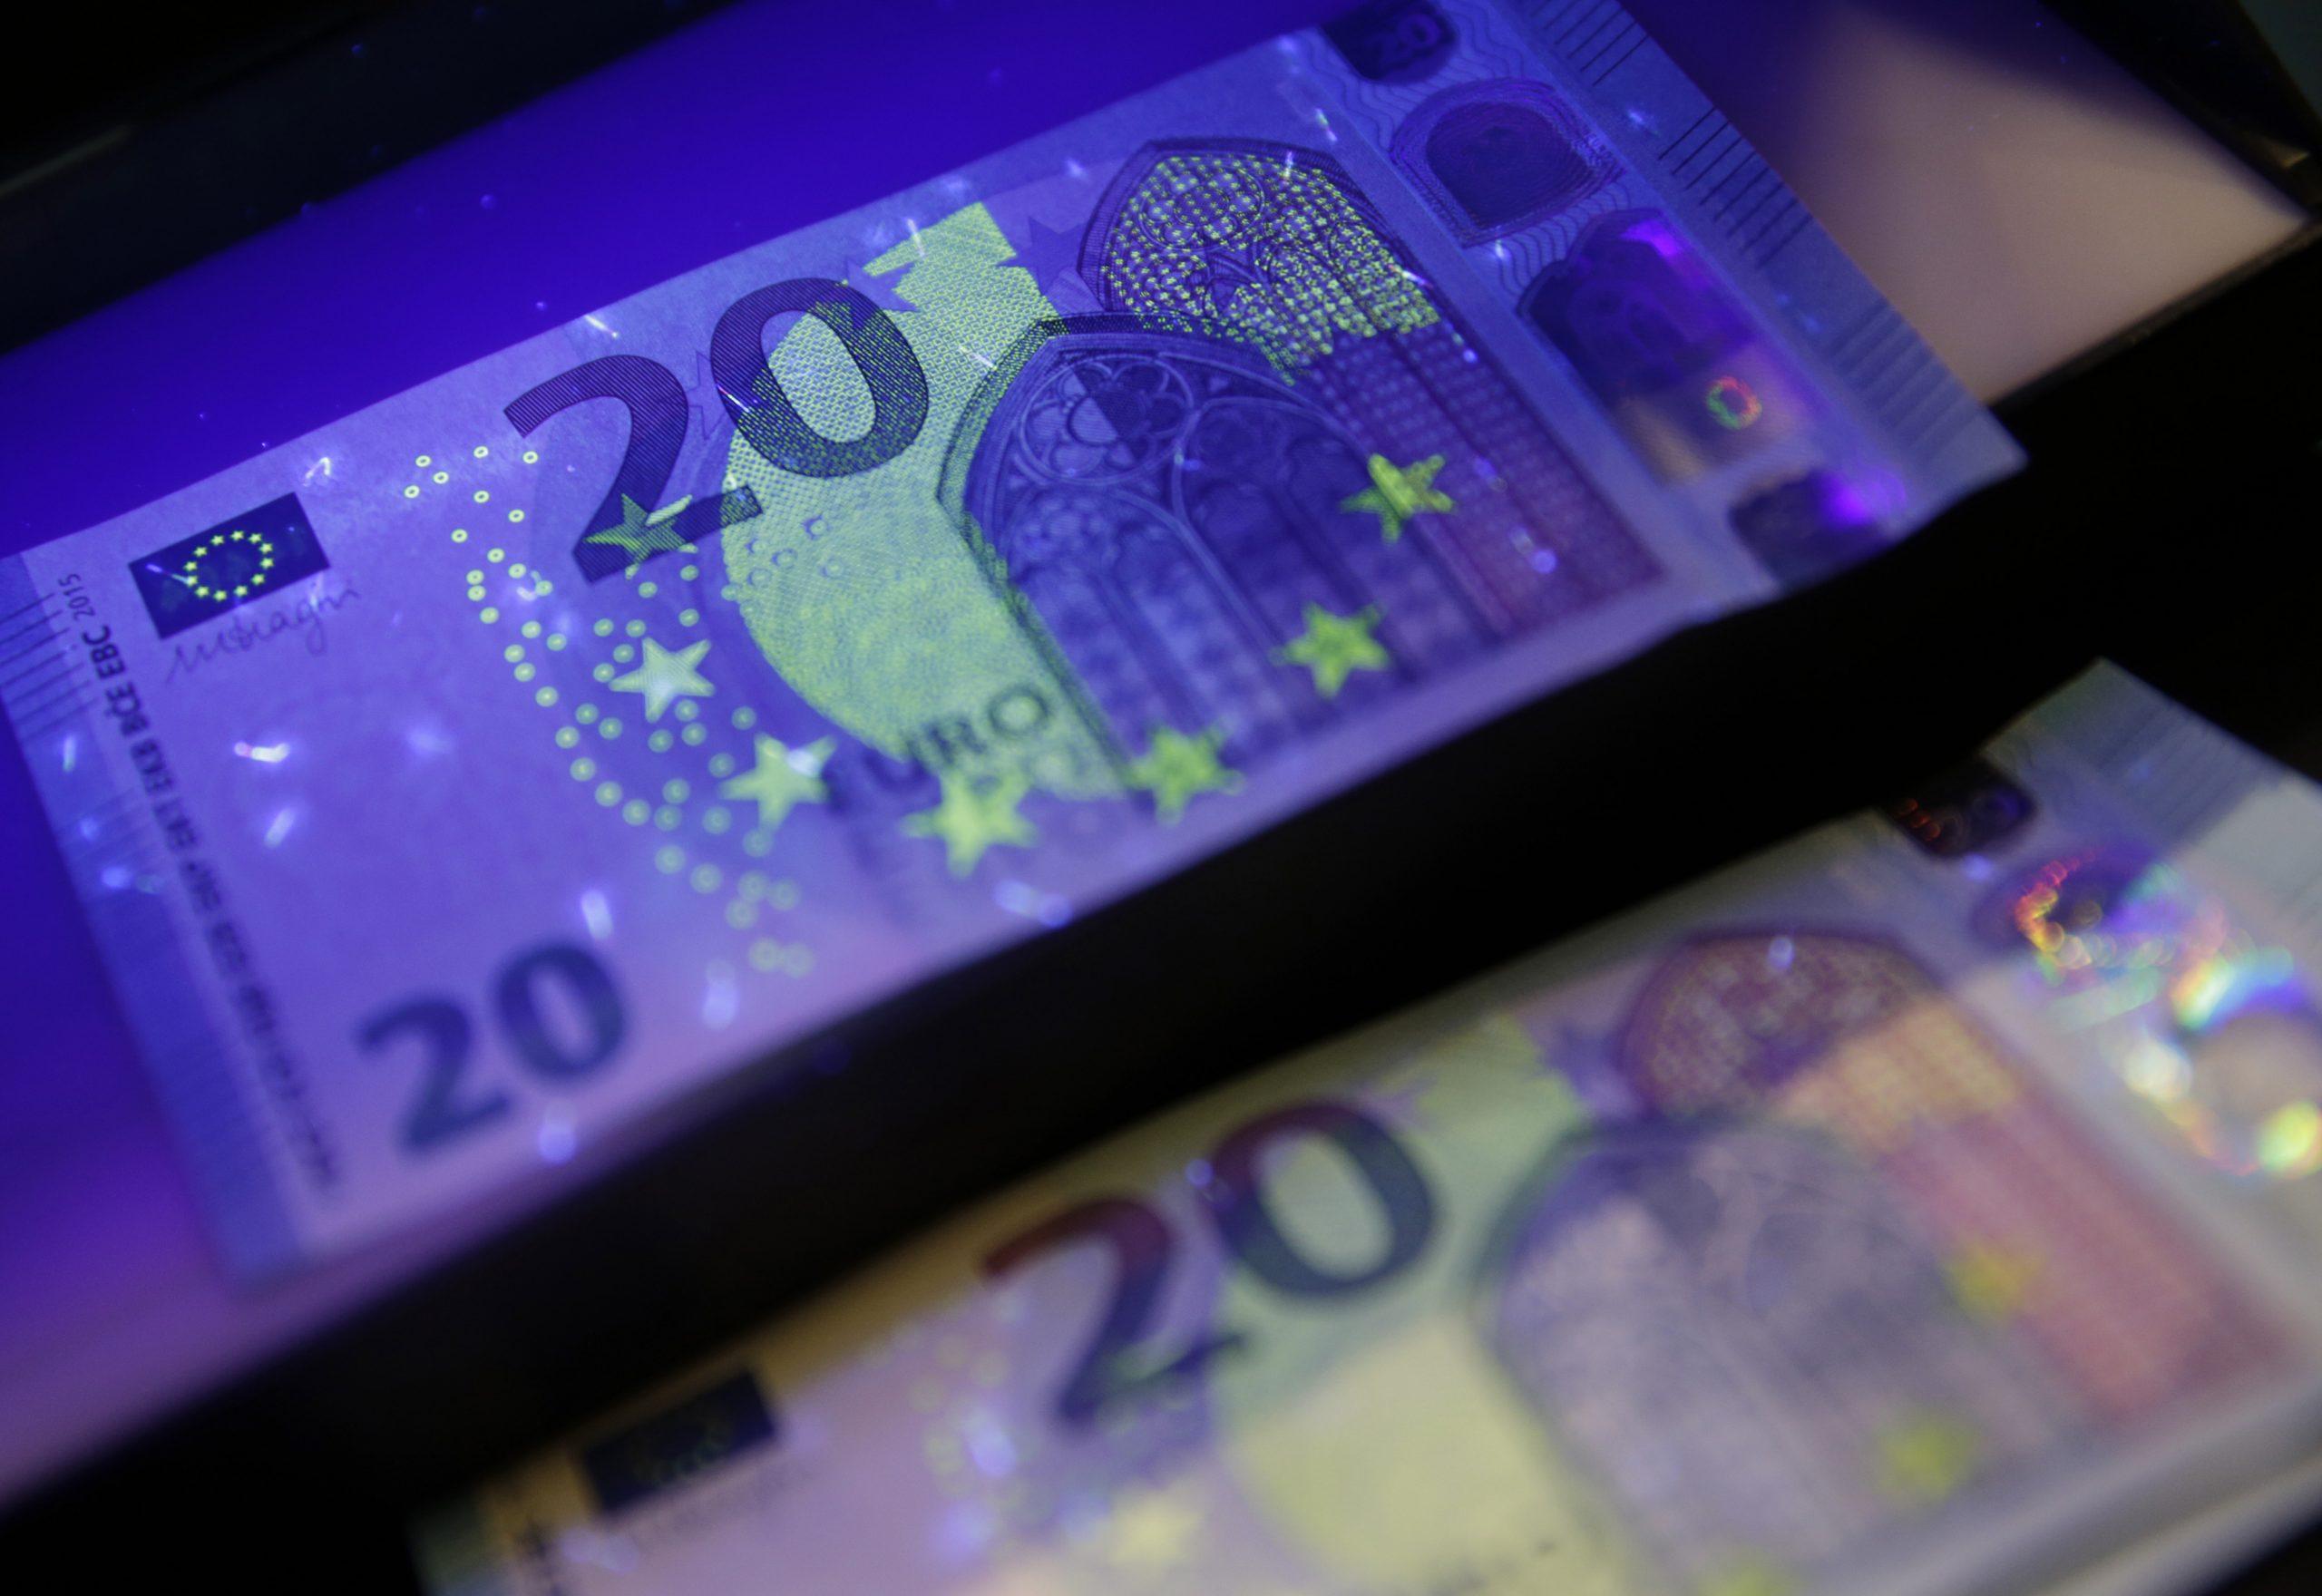 Comment Le Nouveau Billet De 20 Euros Dissuadera Les Faussaires dedans Billet Euro A Imprimer